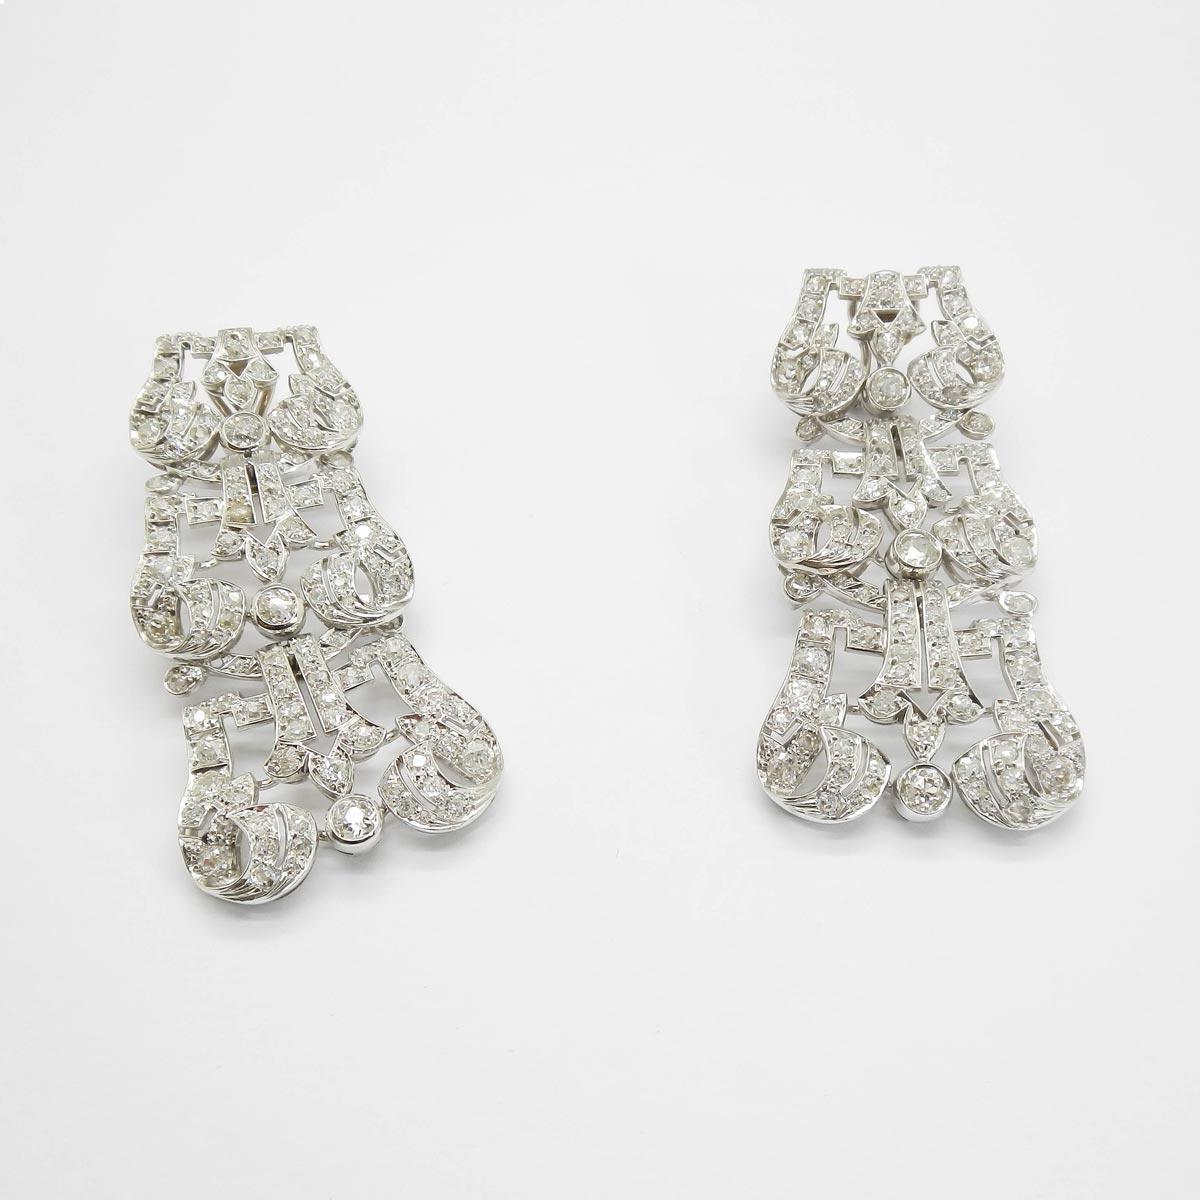 il-marchese-diamonds-diamanti-gioielli-artigianali-orecchini-antichi-oro-bianco-1